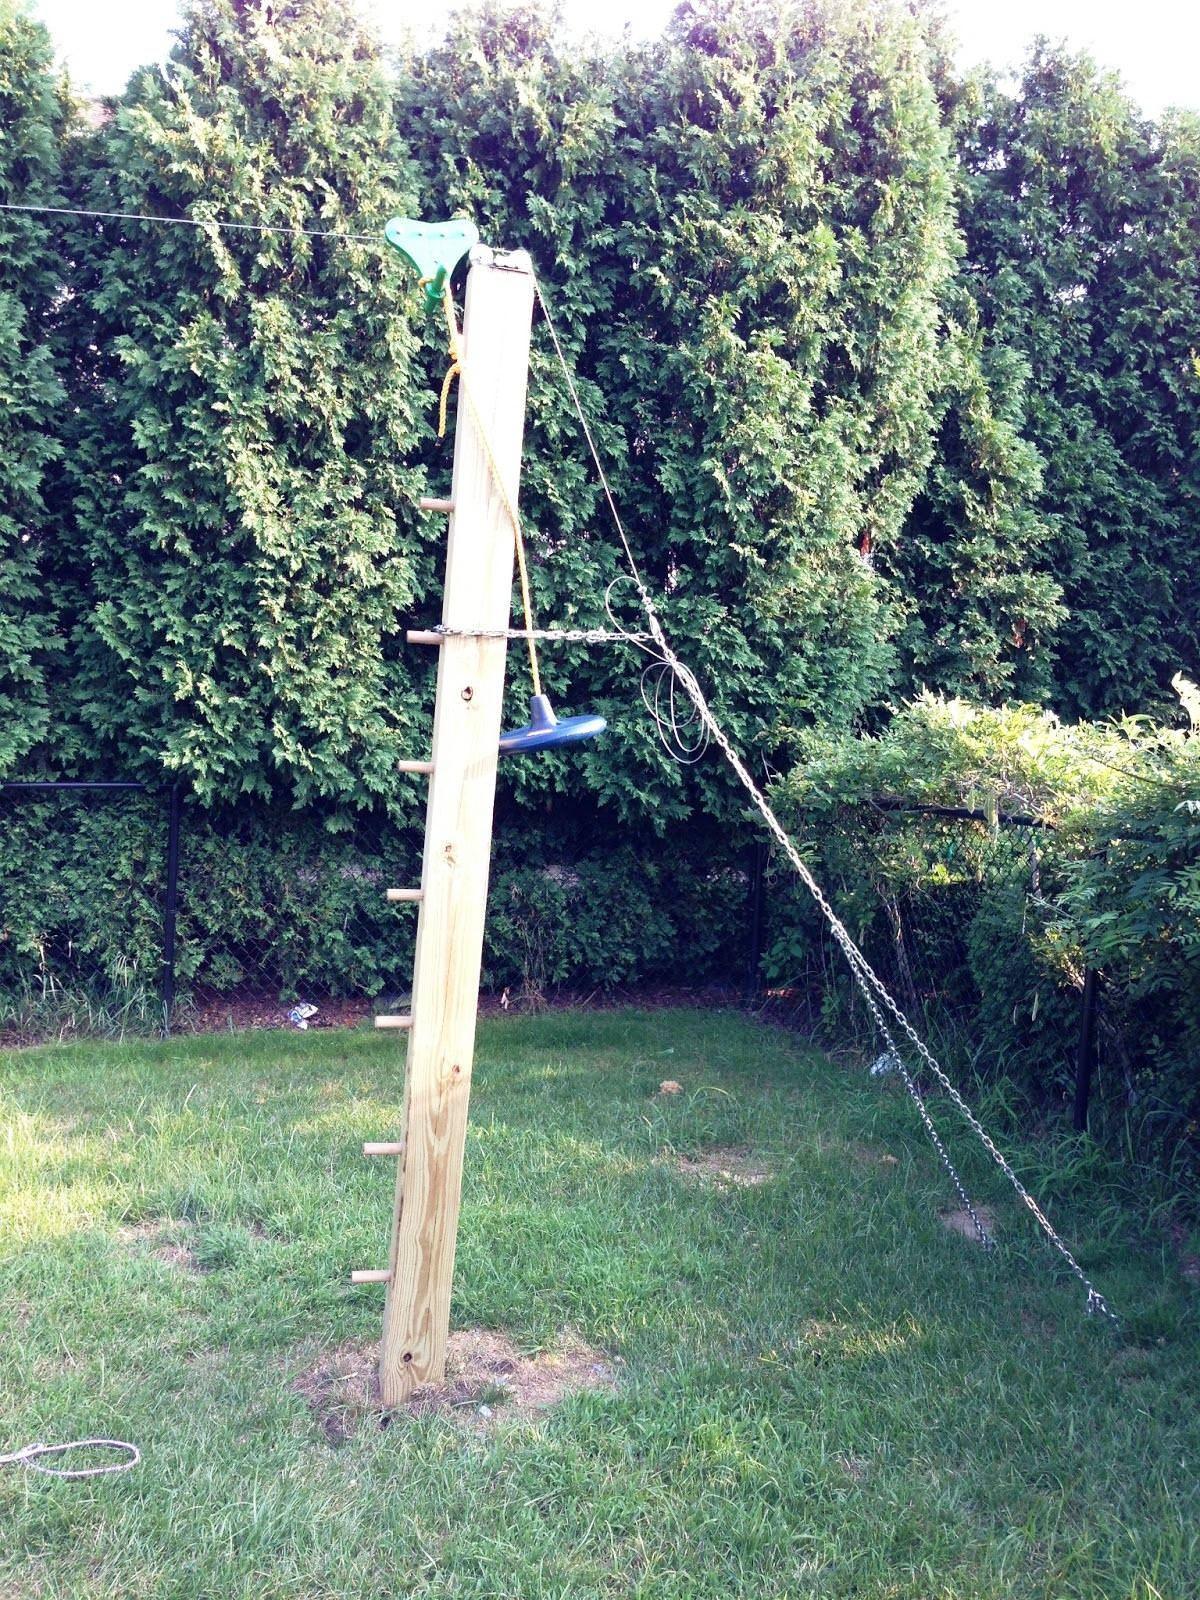 Building-Zip-Line-Your-Backyard